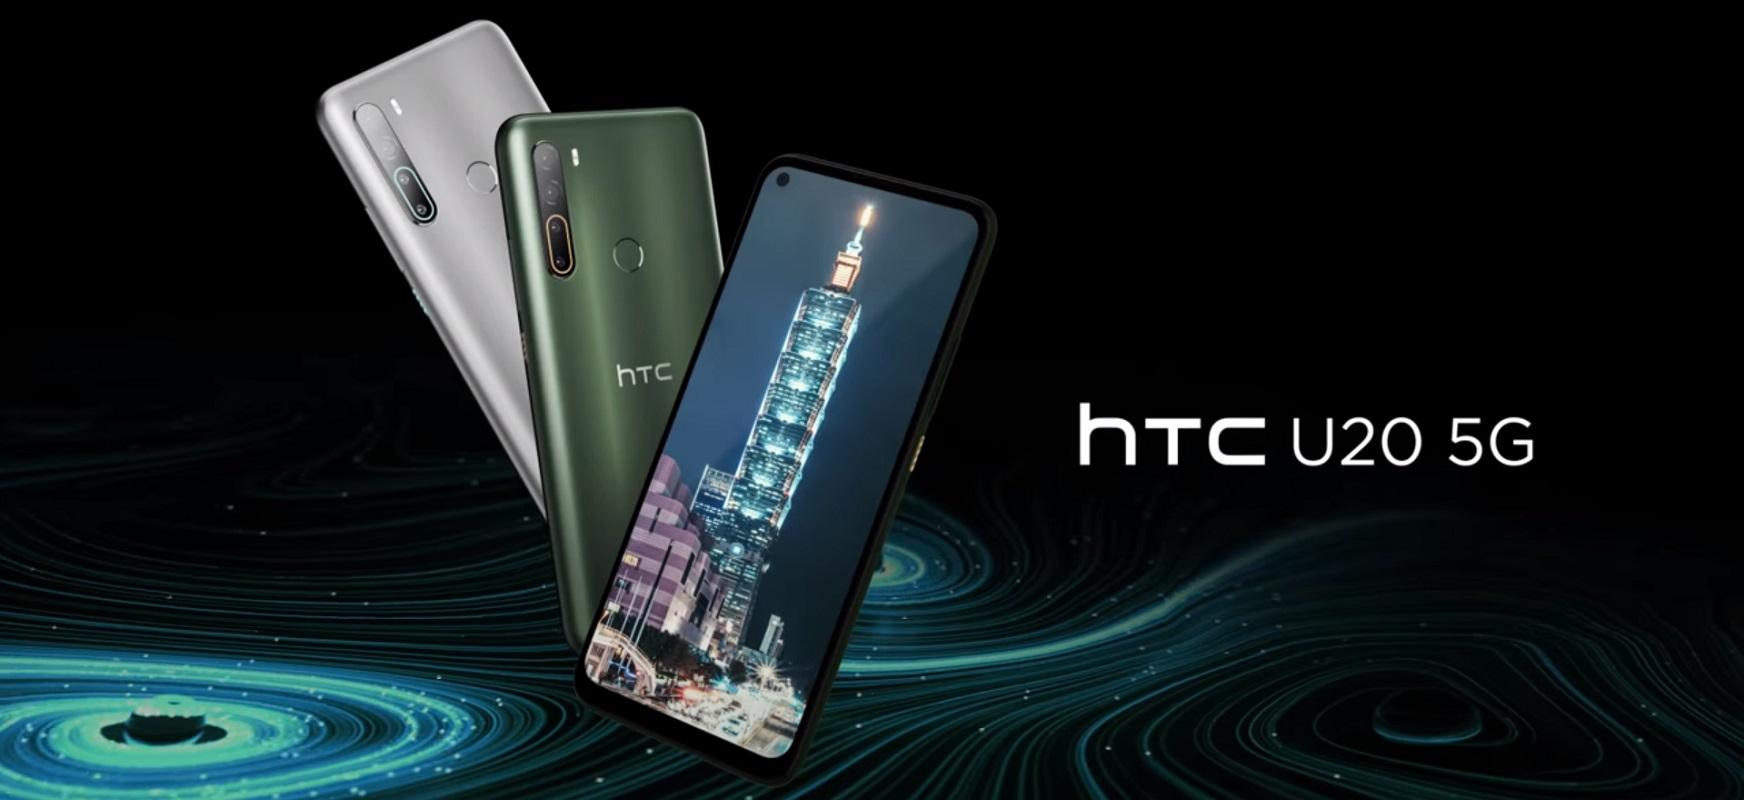 HTCk gogoratu du smartphoneak ekoizten dituela.  Hemen daude HTC U20 5G eta HTC Desire 20 Pro